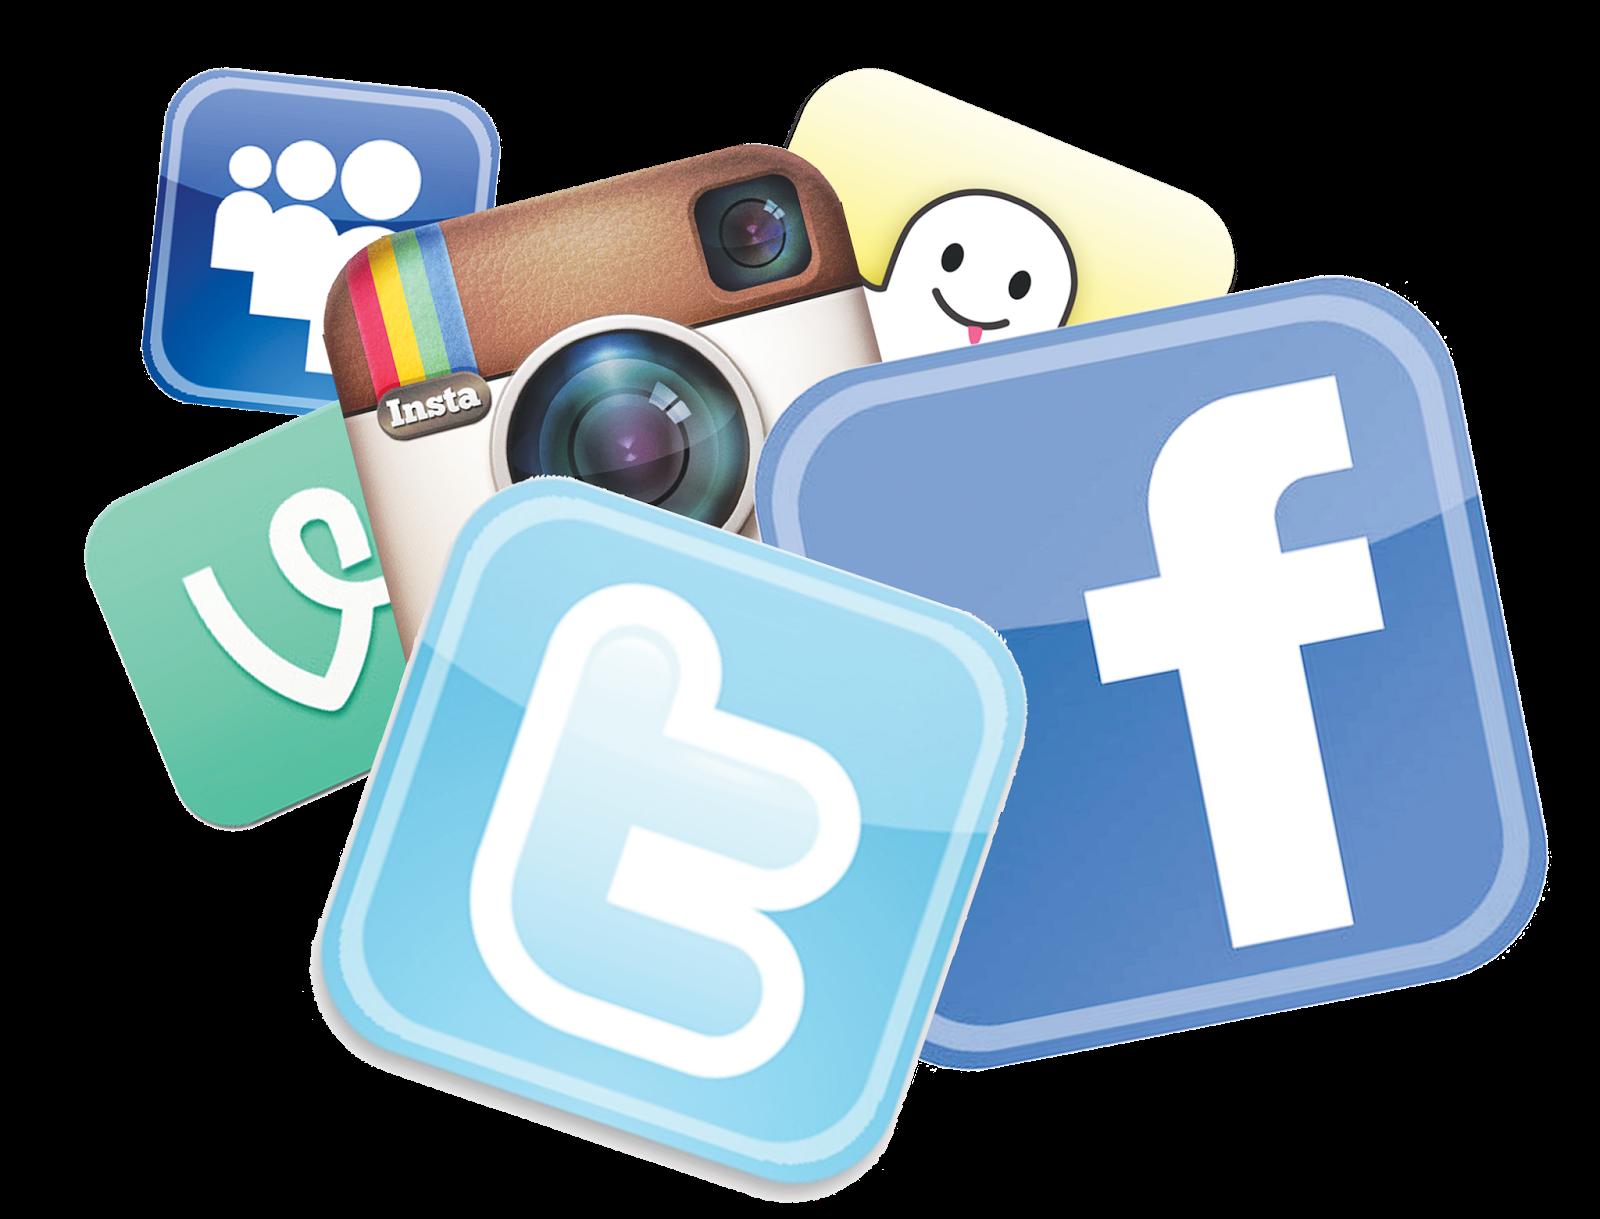 Картинки разных социальных сетей